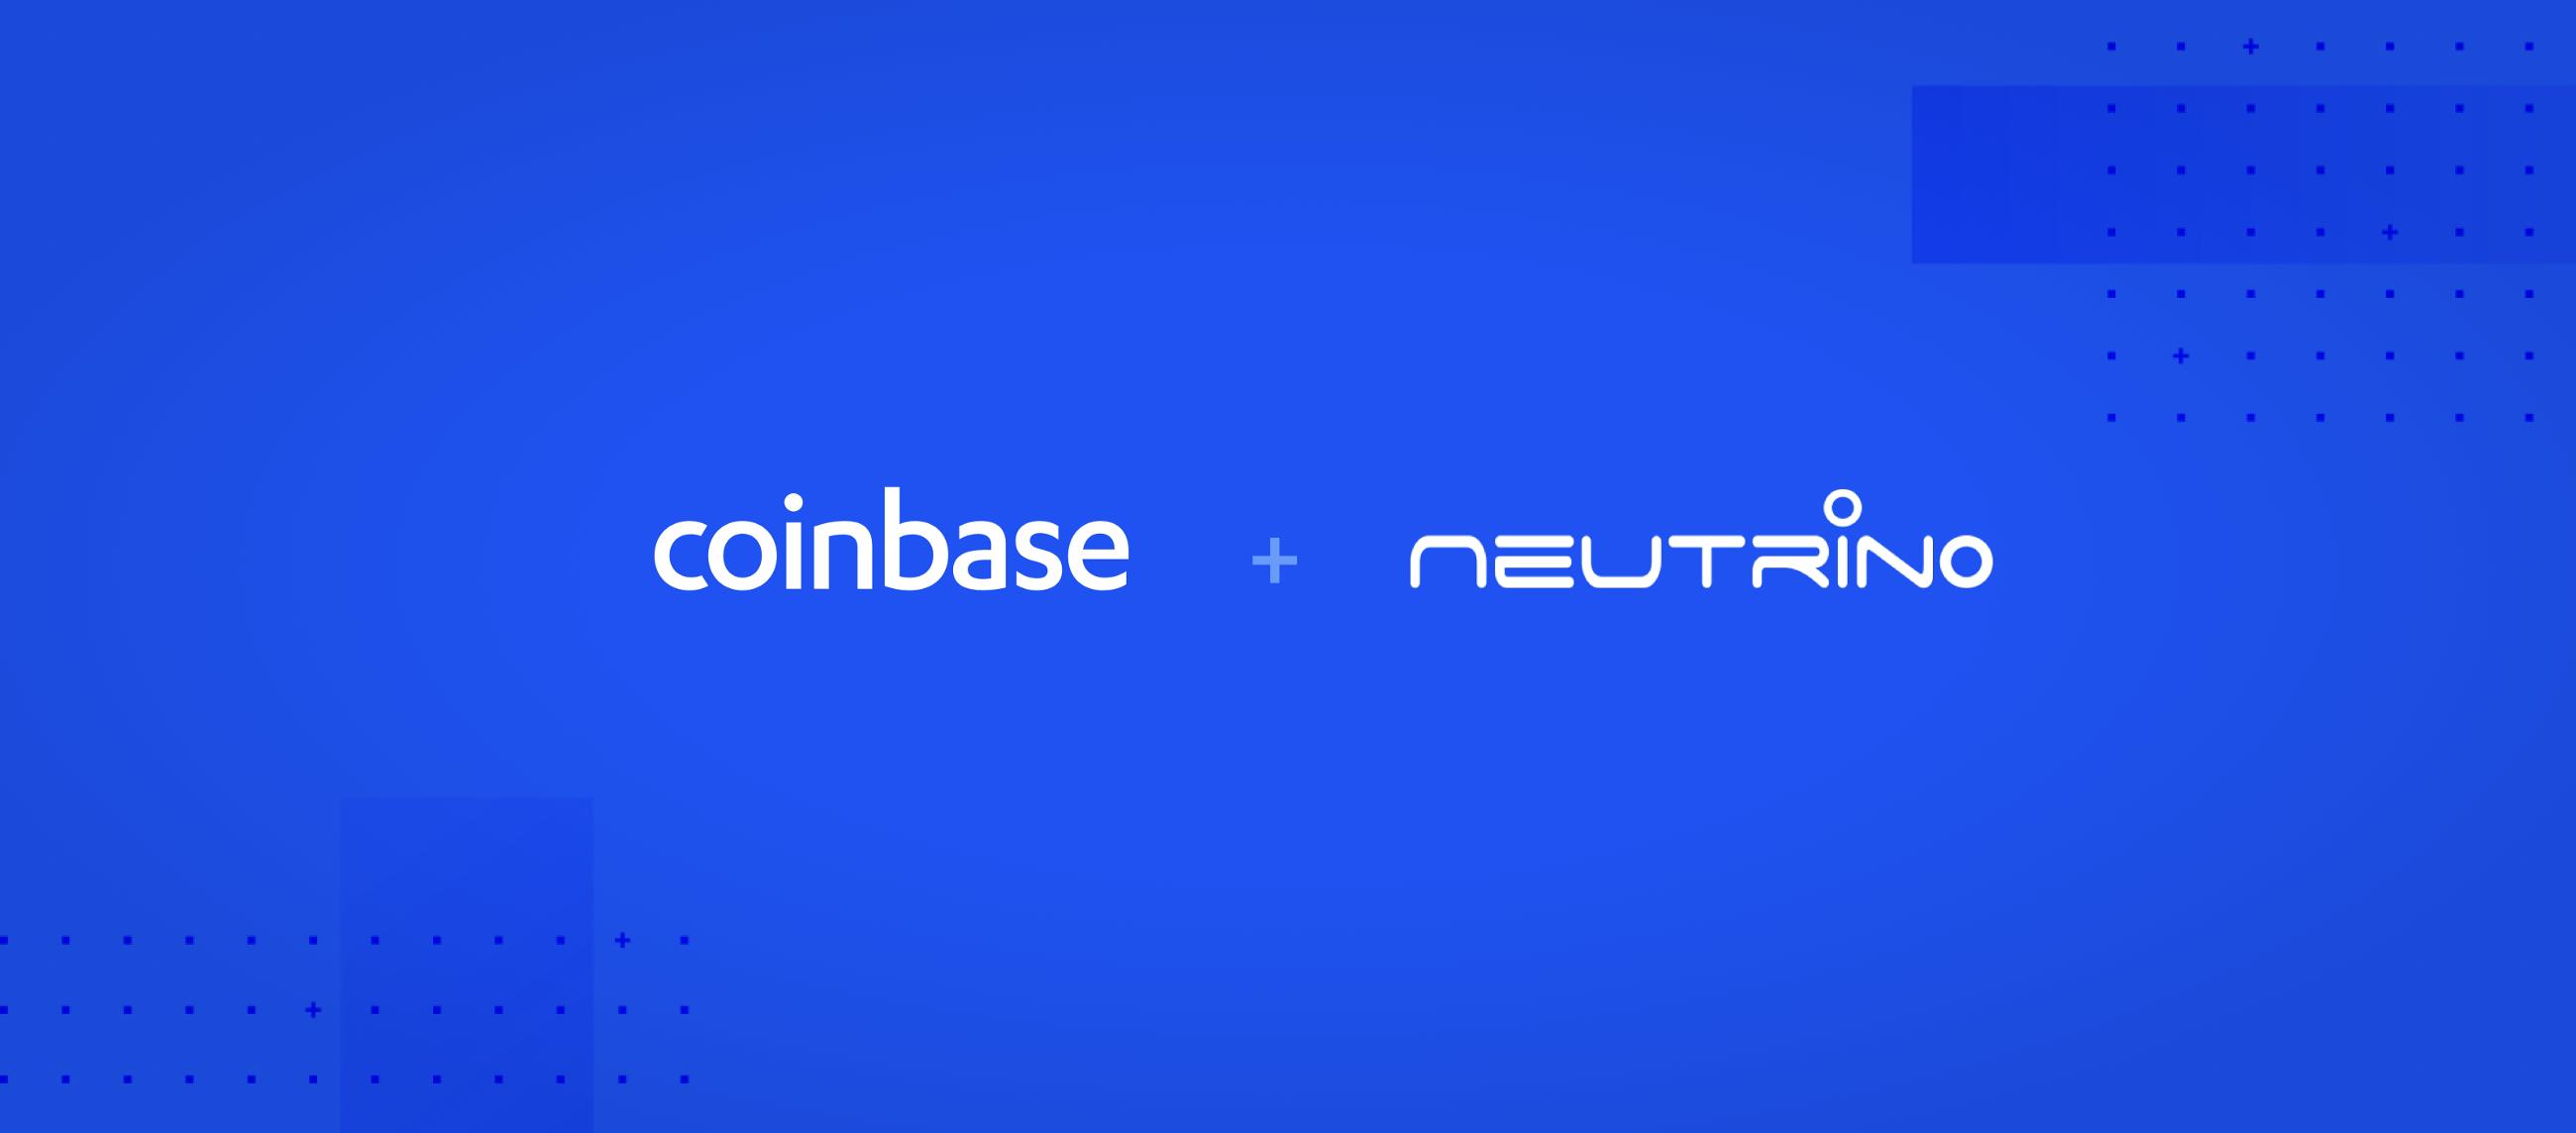 coinbase-neutrino